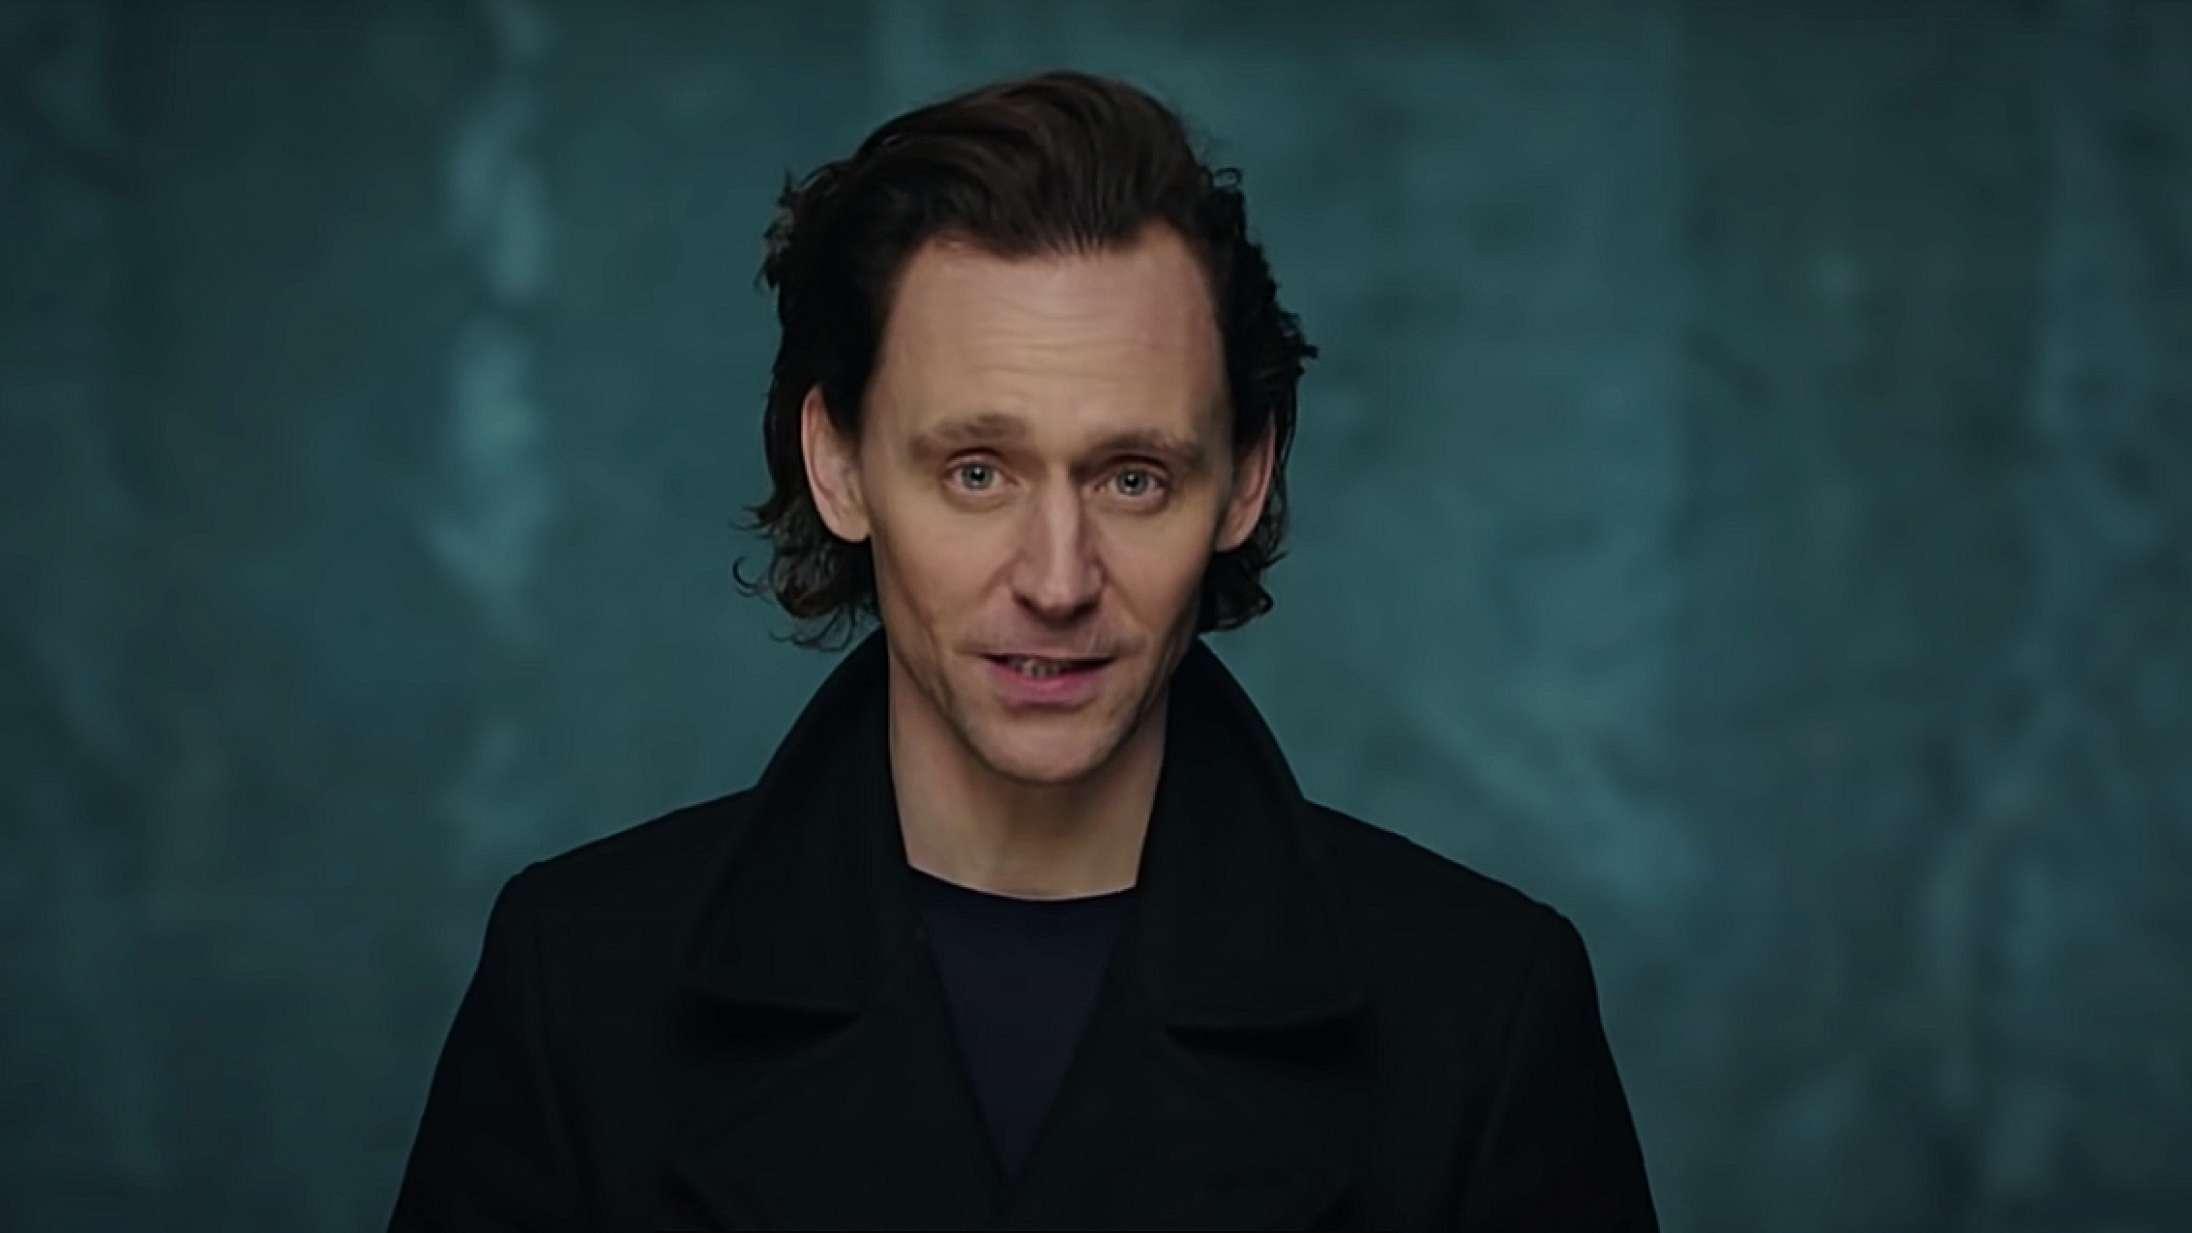 Bliv klar til 'Loki' på 30 sekunder: Tom Hiddleston opsummerer alle skurkens Marvel-film